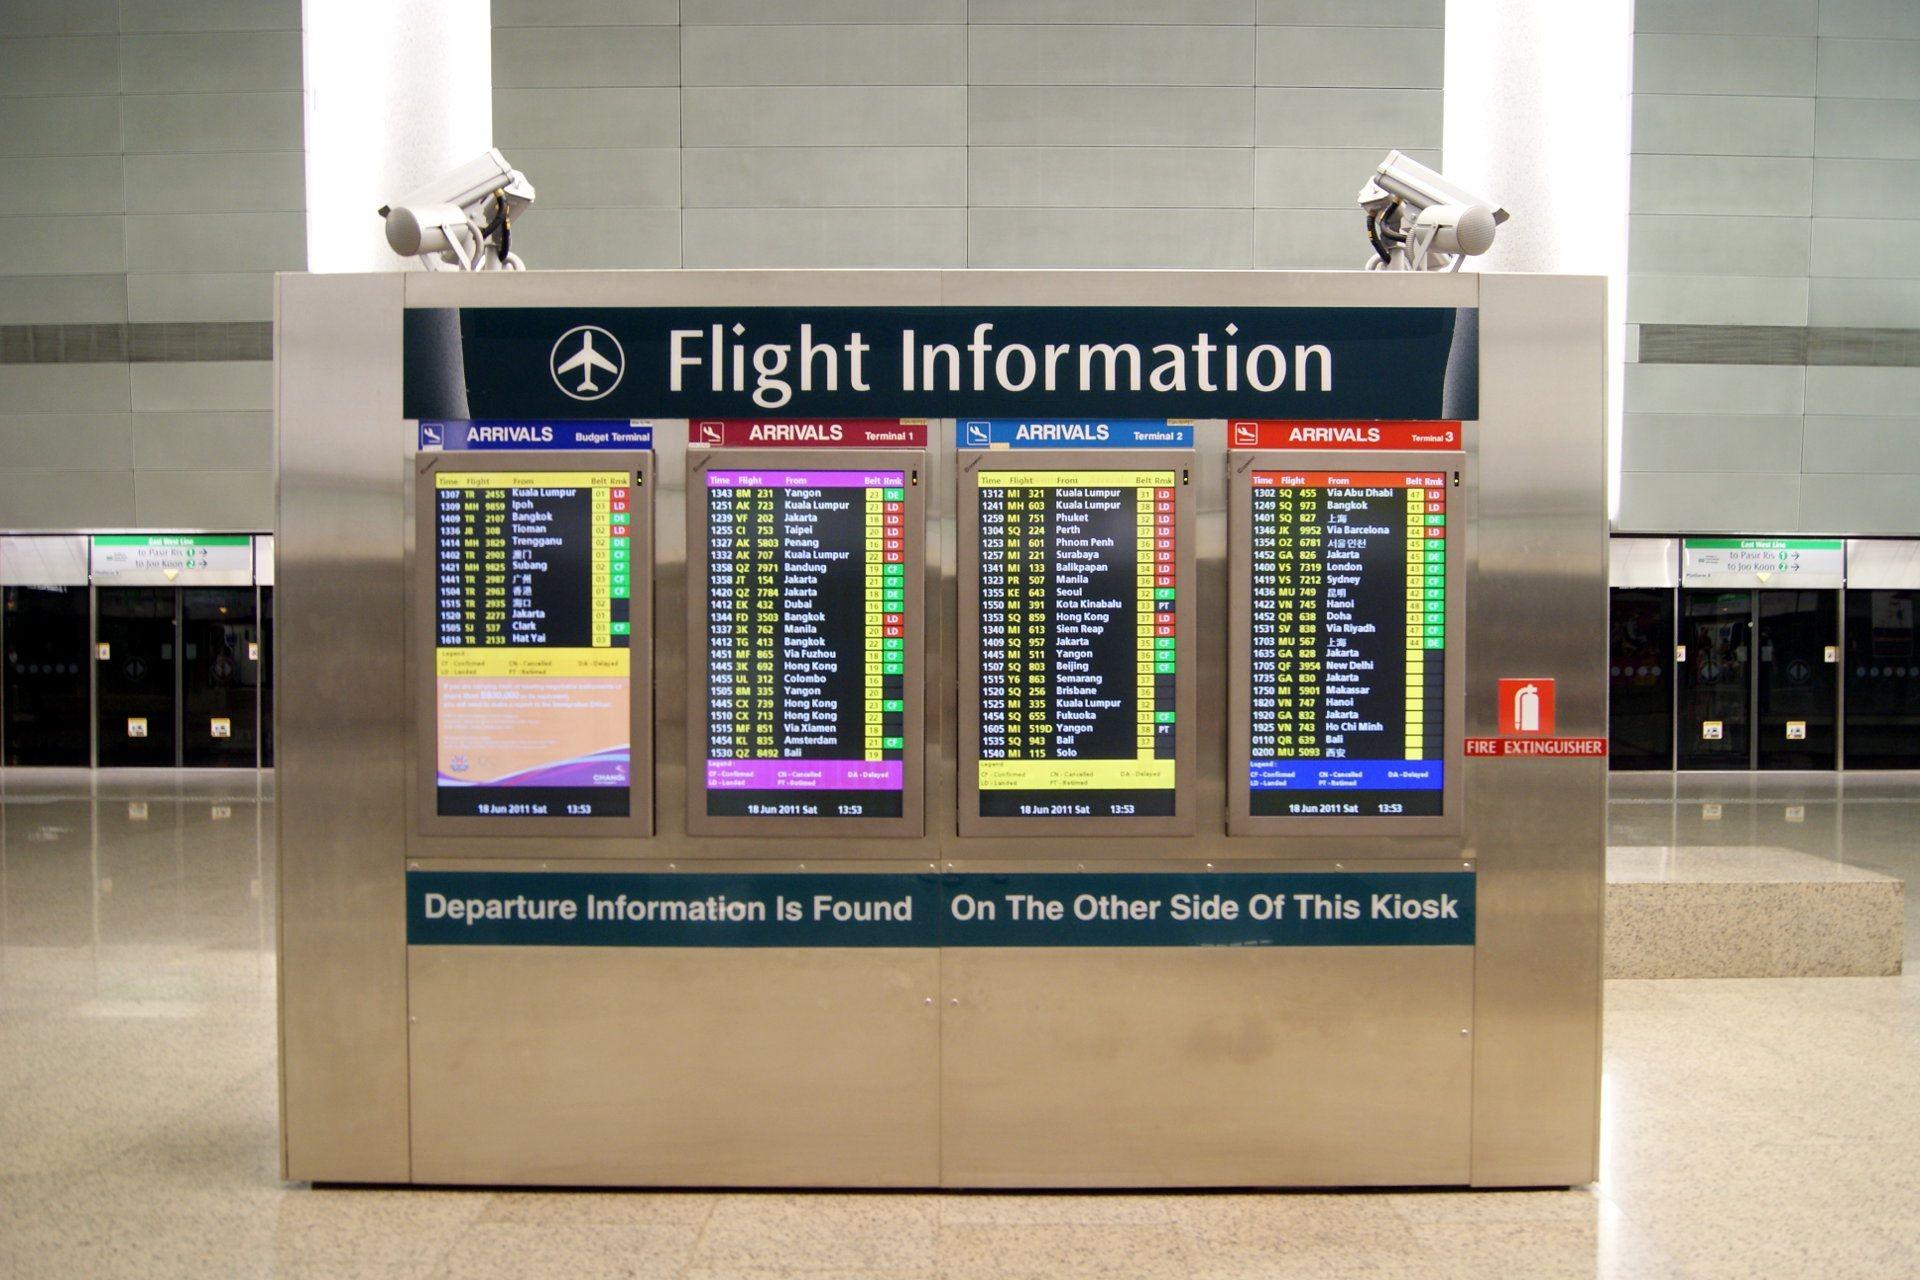 Hệ thống hiển thị thông tin bay